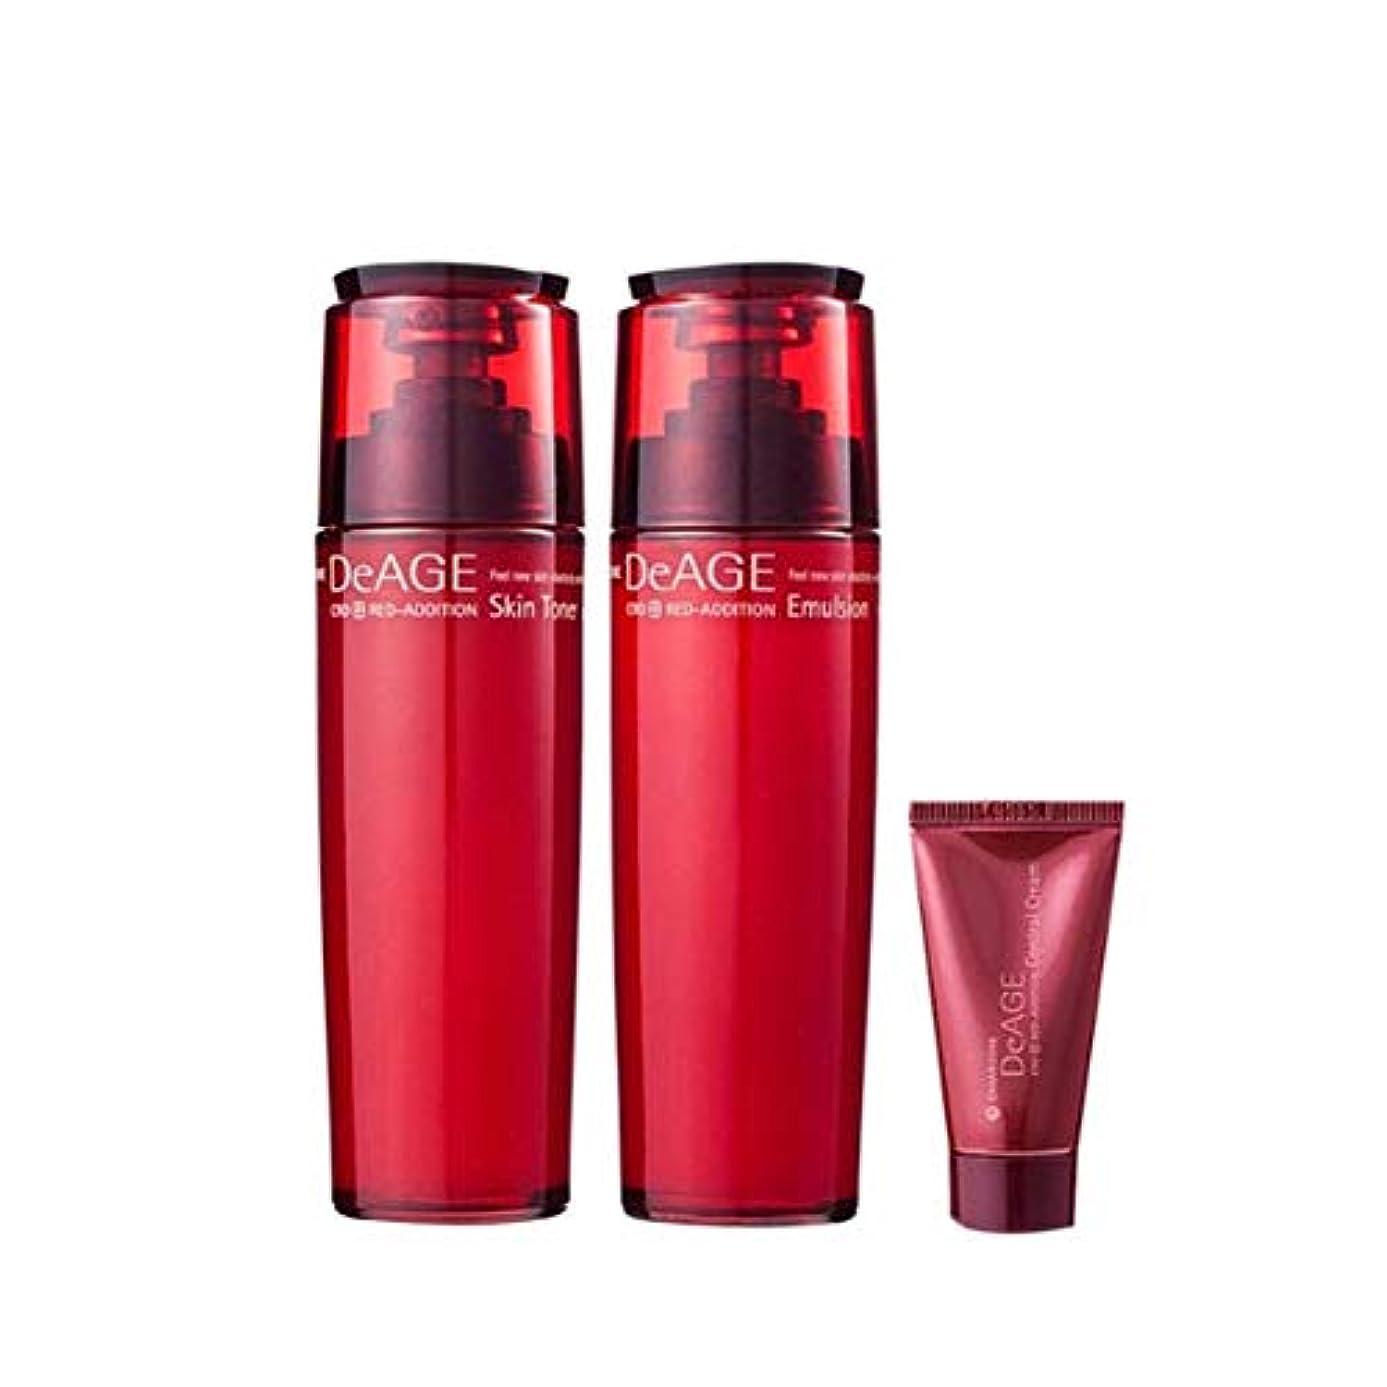 まっすぐ不毛吸収するチャムジョンディエイジレッドエディションセット(スキントナー130ml、エマルジョン130ml、コントロールクリーム15ml)、Charmzone DeAGE Red Addition Set(Skin Toner 130ml...